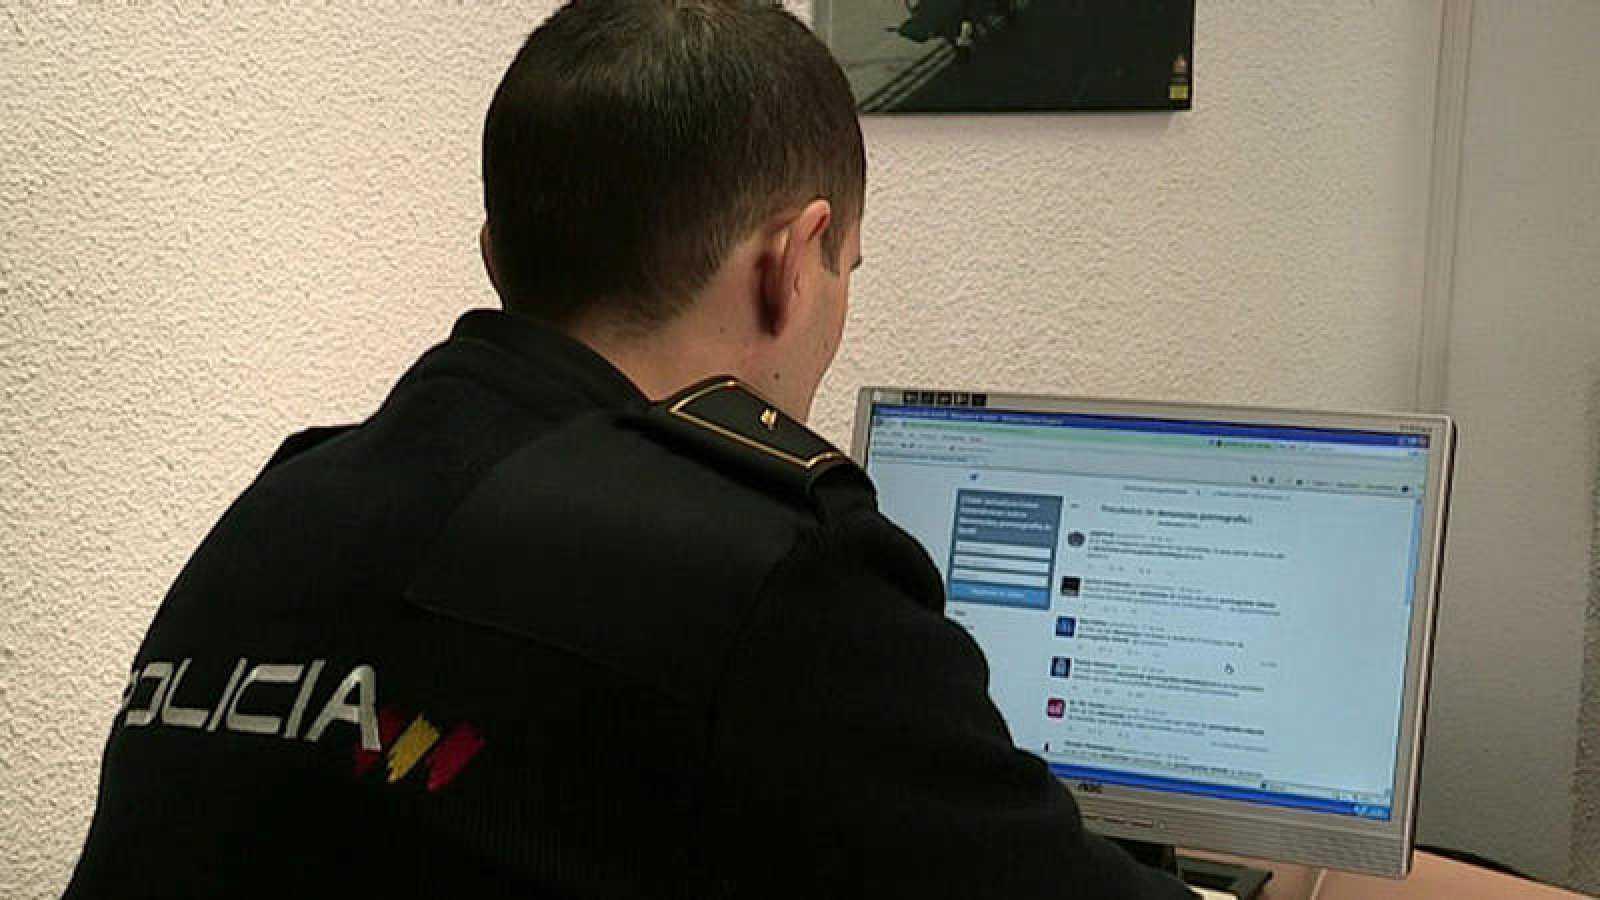 La operación ha sido llevado a cabo en España por la Policía Nacional, en una actuación coordinada por Europol.